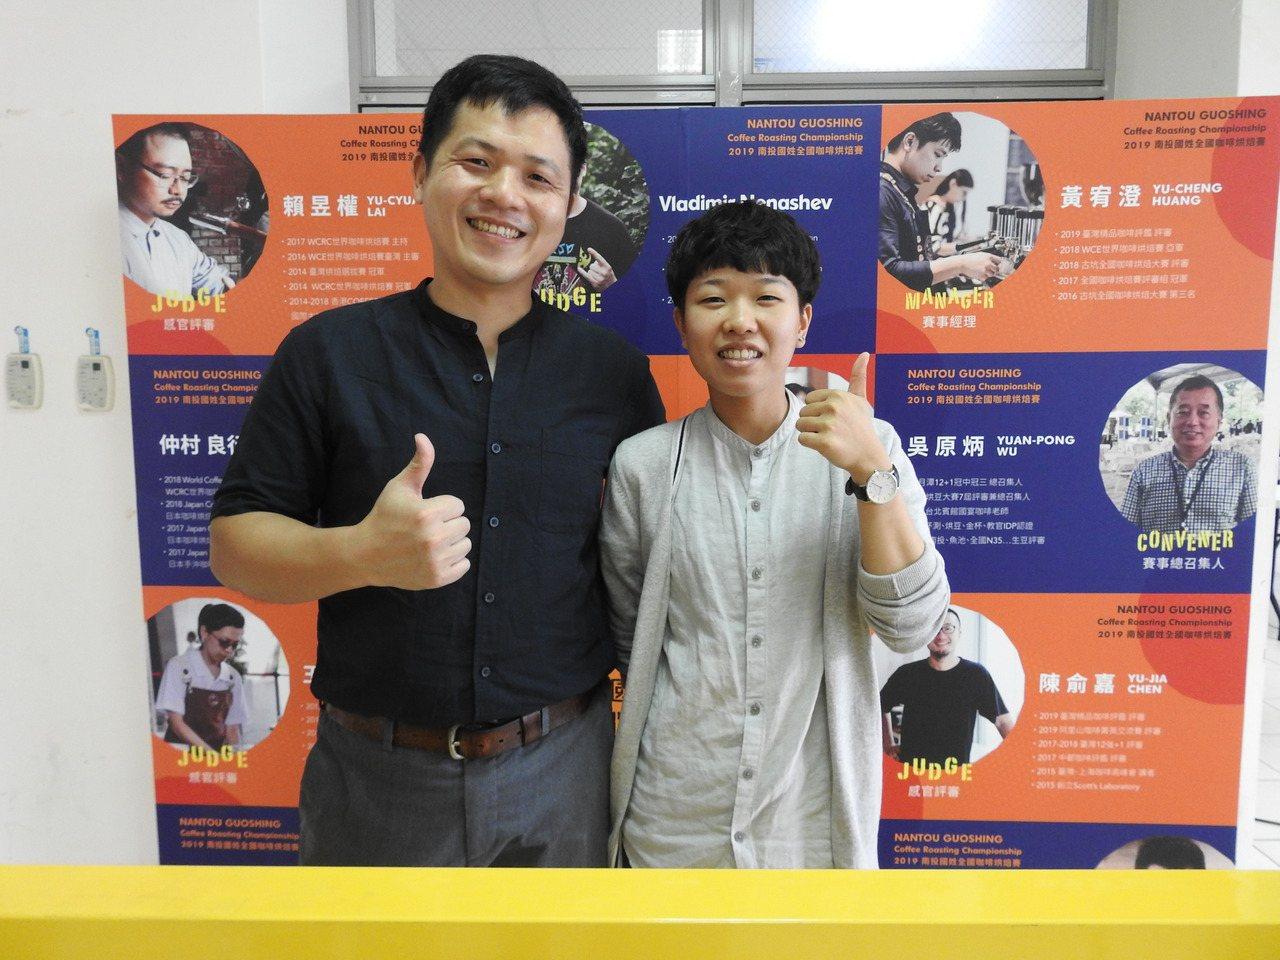 暨大碩班香港籍學生莫芷晴(右)與師父沈詠為(左)一起參加全國咖啡烘焙賽,分獲冠軍...